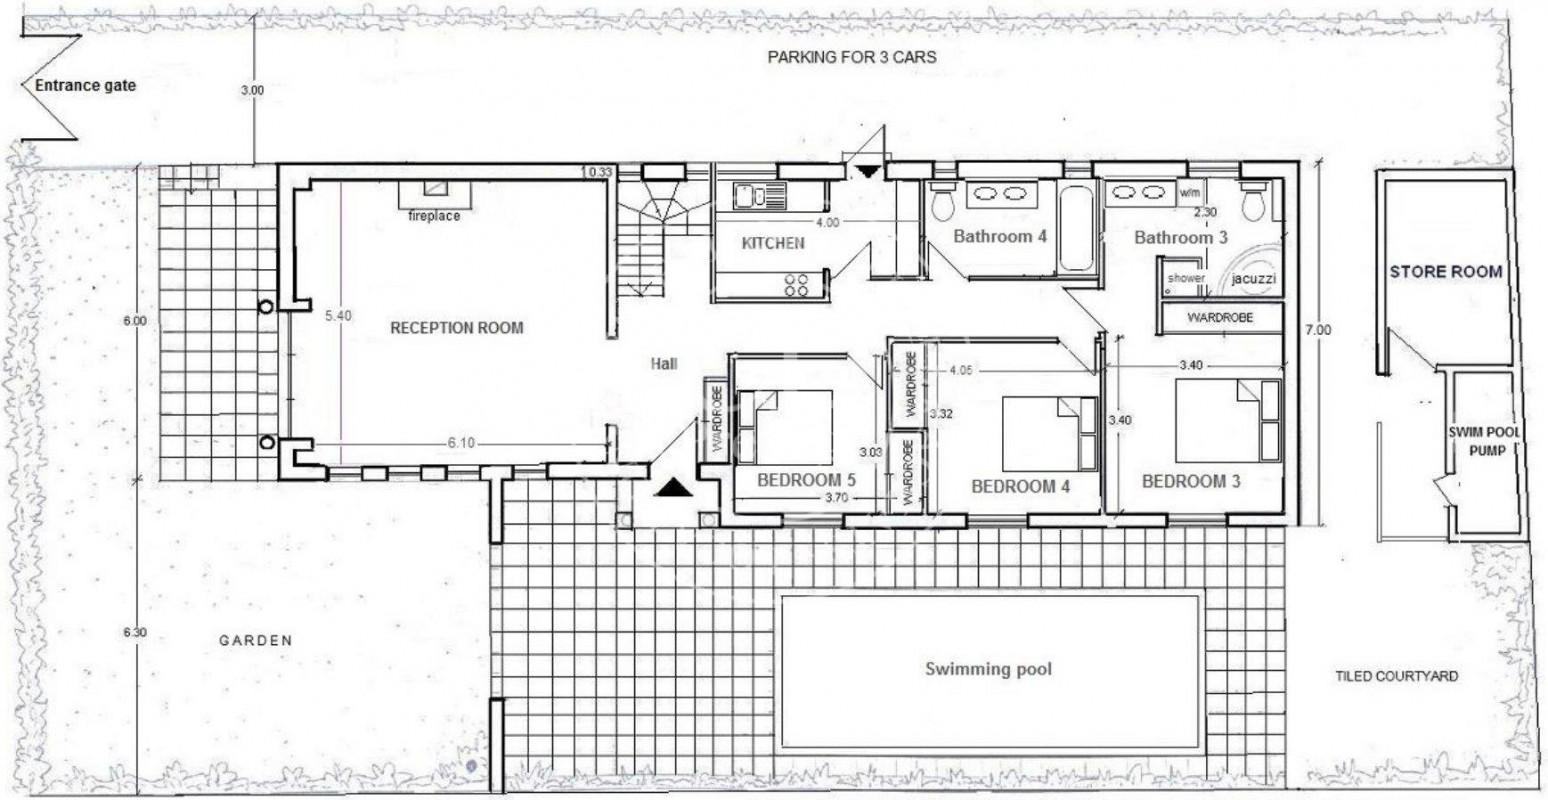 Купить дом Канны Франция, Приморские Альпы. Продаётся дом в Канны. 795000 EUR 5.3.2020 1707535